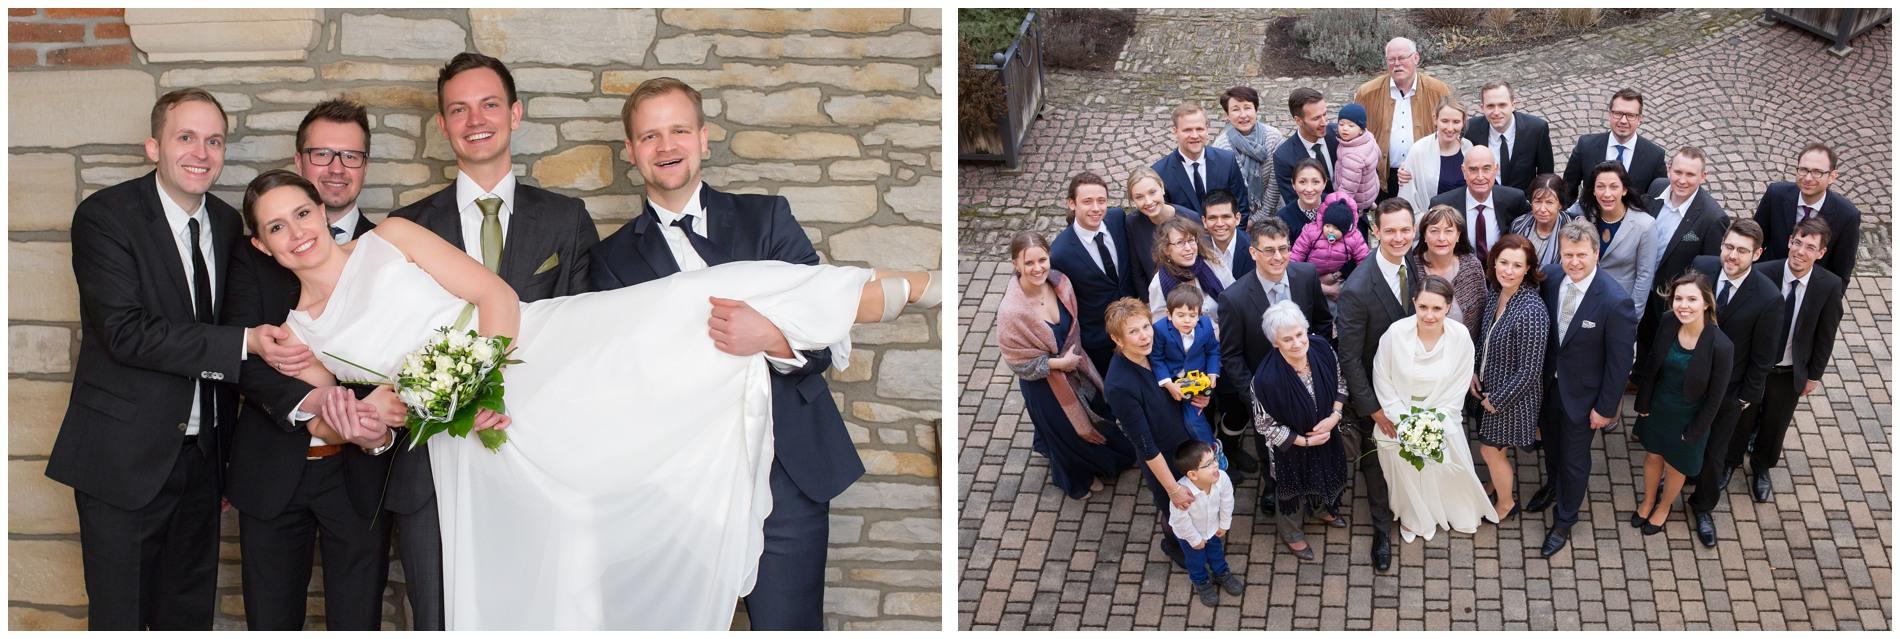 13 – Gruppenfotos - Saale-Holzland-Kreis – Hochzeitsfotograf Gera – Hochzeitsfotografin Stephanie Scharschmidt